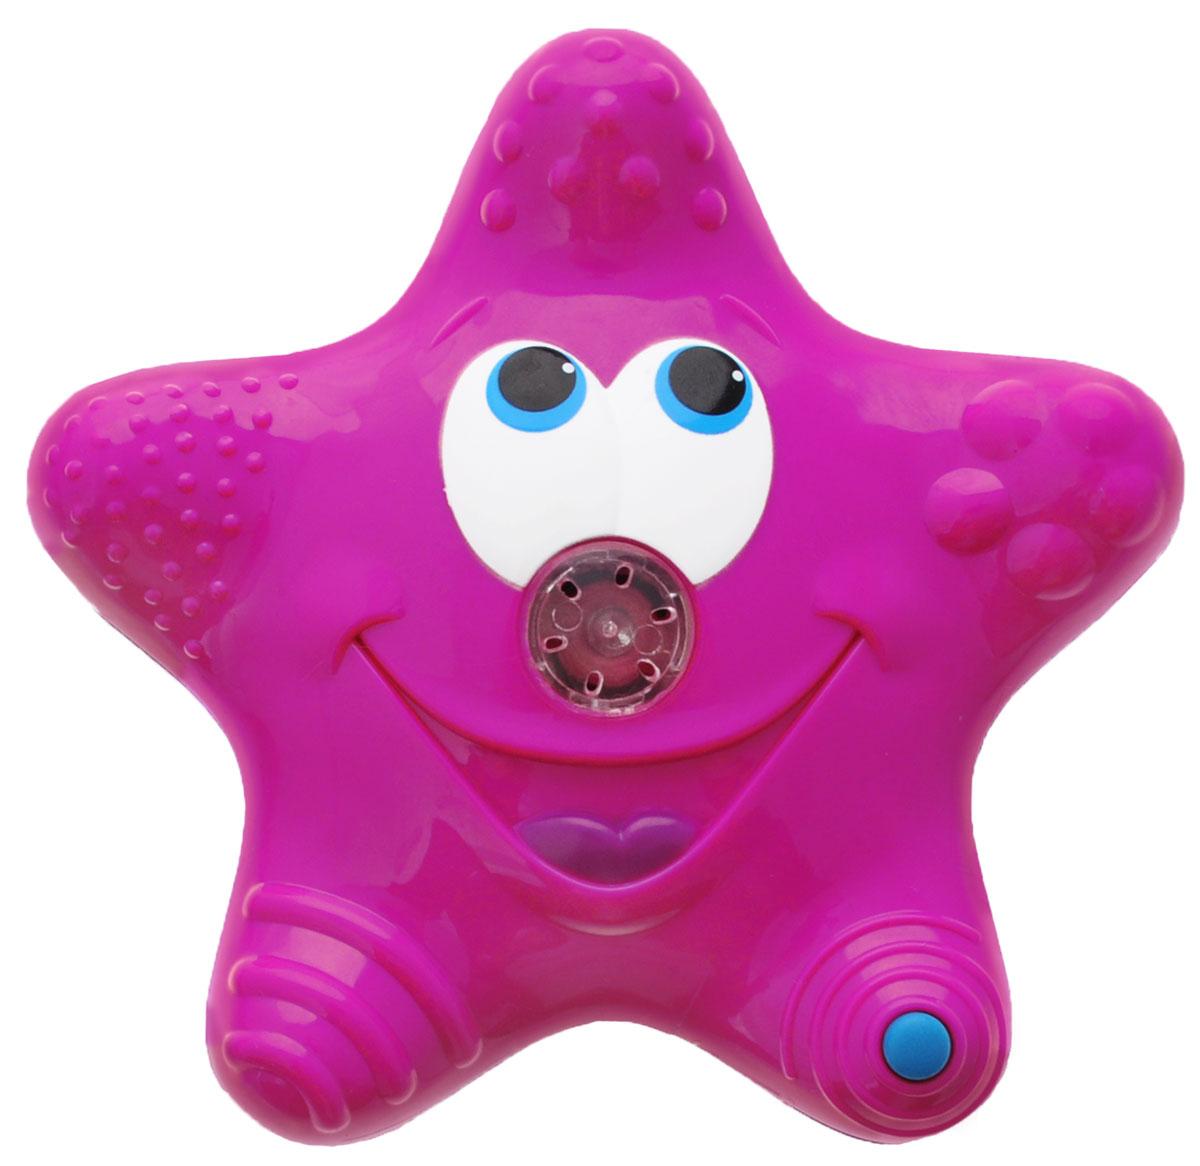 Munchkin Игрушка для ванны Звездочка цвет розовый синийЕ0001060_розовый, синийИгрушка для ванны Munchkin Звездочка привлечет внимание вашего ребенка и превратит купание в веселую игру. Она выполнена из прочного безопасного пластика ярких цветов. Звездочка-фонтан плавает на поверхности воды, светится и вращается для увлекательной игры. Носик подает струйки воды, что, несомненно, позабавит малыша. Игрушка для ванны Munchkin Звездочка способствует развитию воображения, цветового восприятия, тактильных ощущений и мелкой моторики рук. Кредо Munchkin, американской компании с 20-летней историей: избавить мир от надоевших и прозаических товаров, искать умные инновационные решения, которые превращает обыденные задачи в опыт, приносящий удовольствие. Понимая, что наибольшее значение в быту имеют именно мелочи, компания создает уникальные товары, которые помогают поддерживать порядок, организовывать пространство, облегчают уход за детьми - недаром компания имеет уже более 140 патентов и изобретений, используемых в создании ее ...